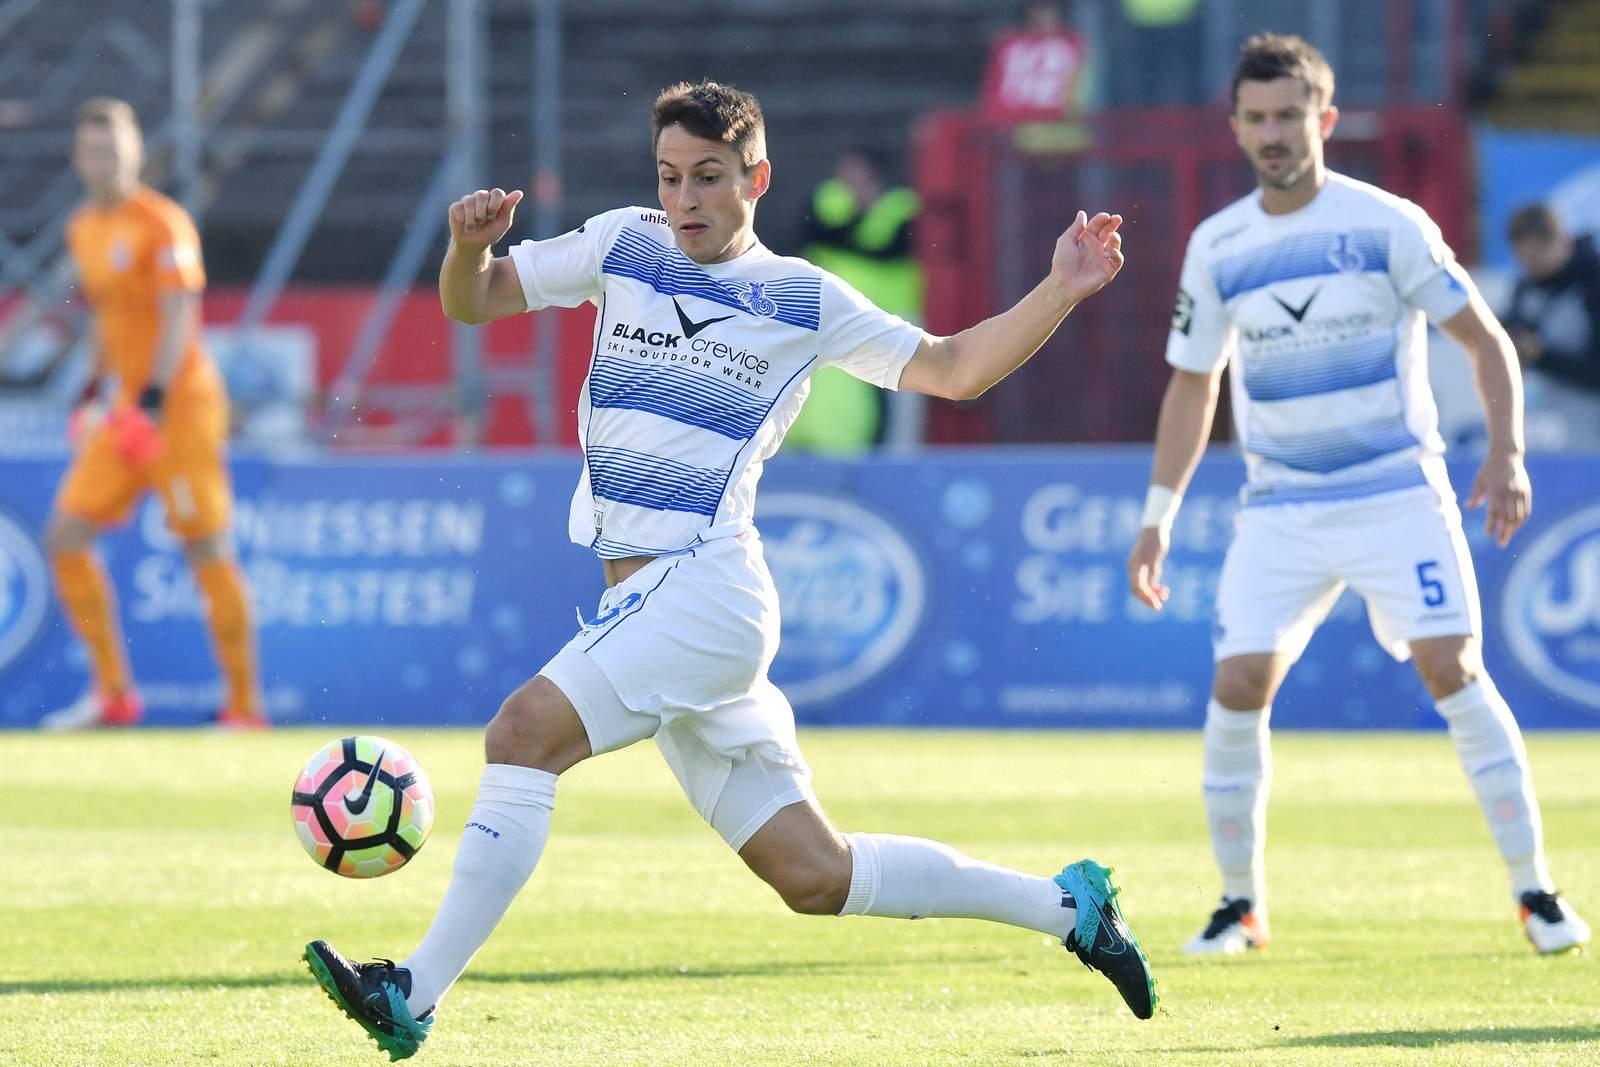 Fabian Schnellhardt am Ball. Jetzt auf Mainz II gegen Duisburg wetten!